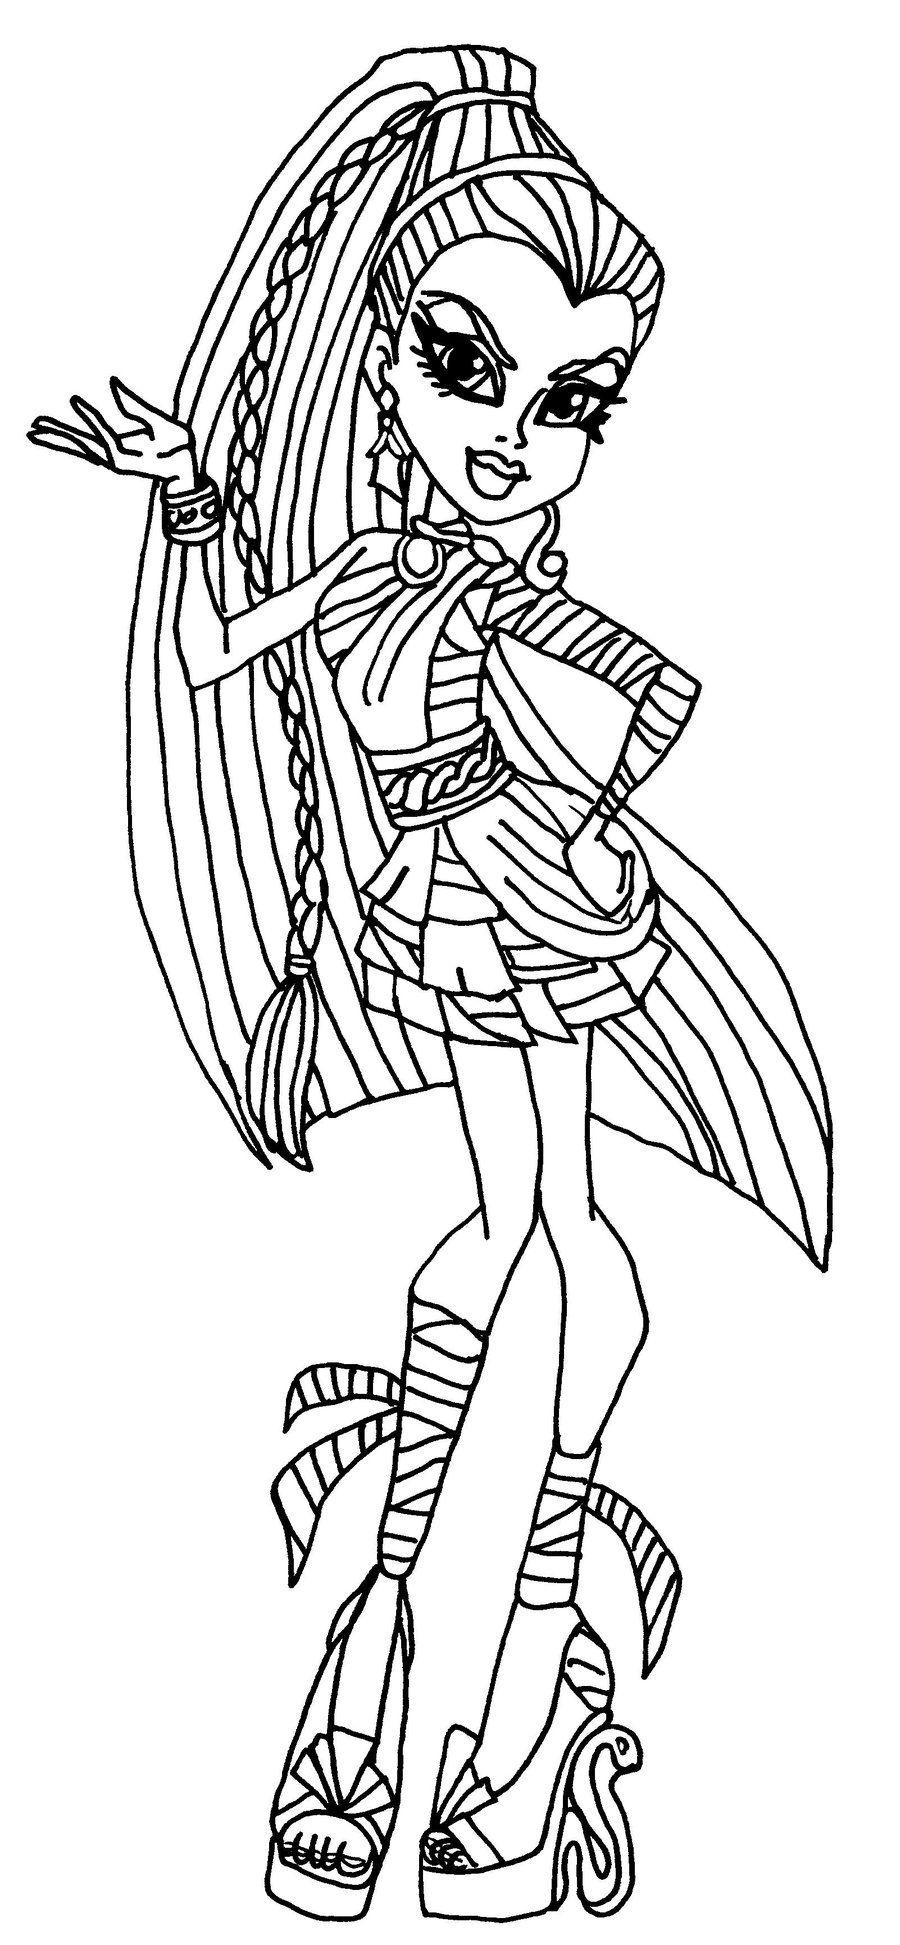 Monster High Ausmalbilder Jinafire : Fein Malvorlagen Monster Hoch Frankie Stein Ideen Beispiel